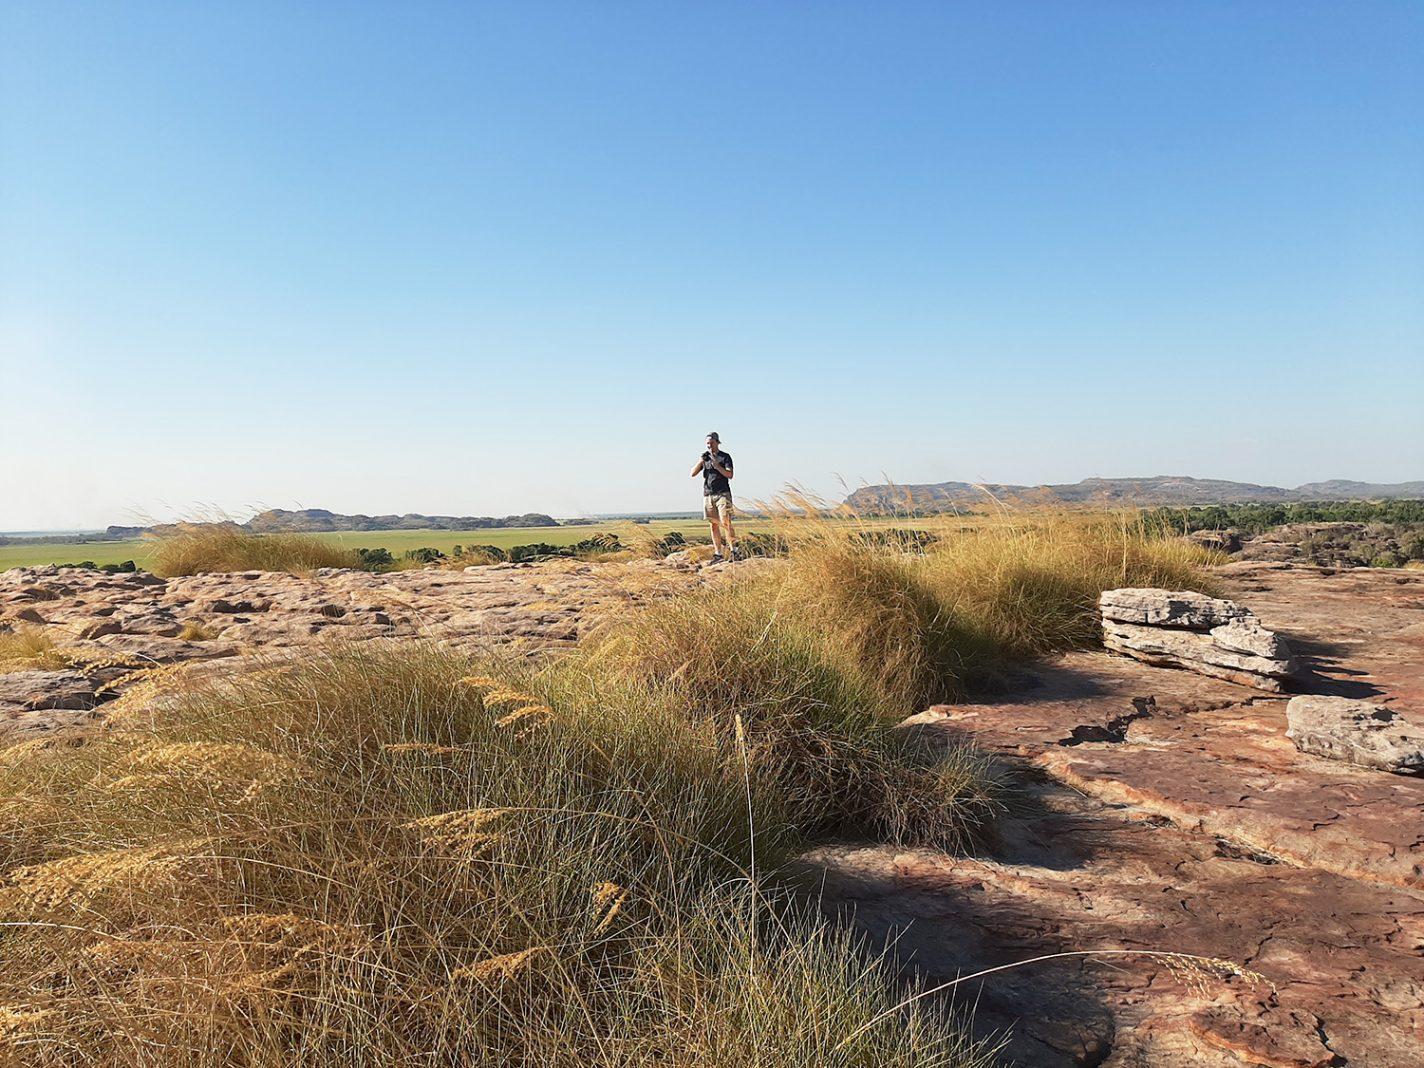 In Kakadu National Park - Wonen in Australië